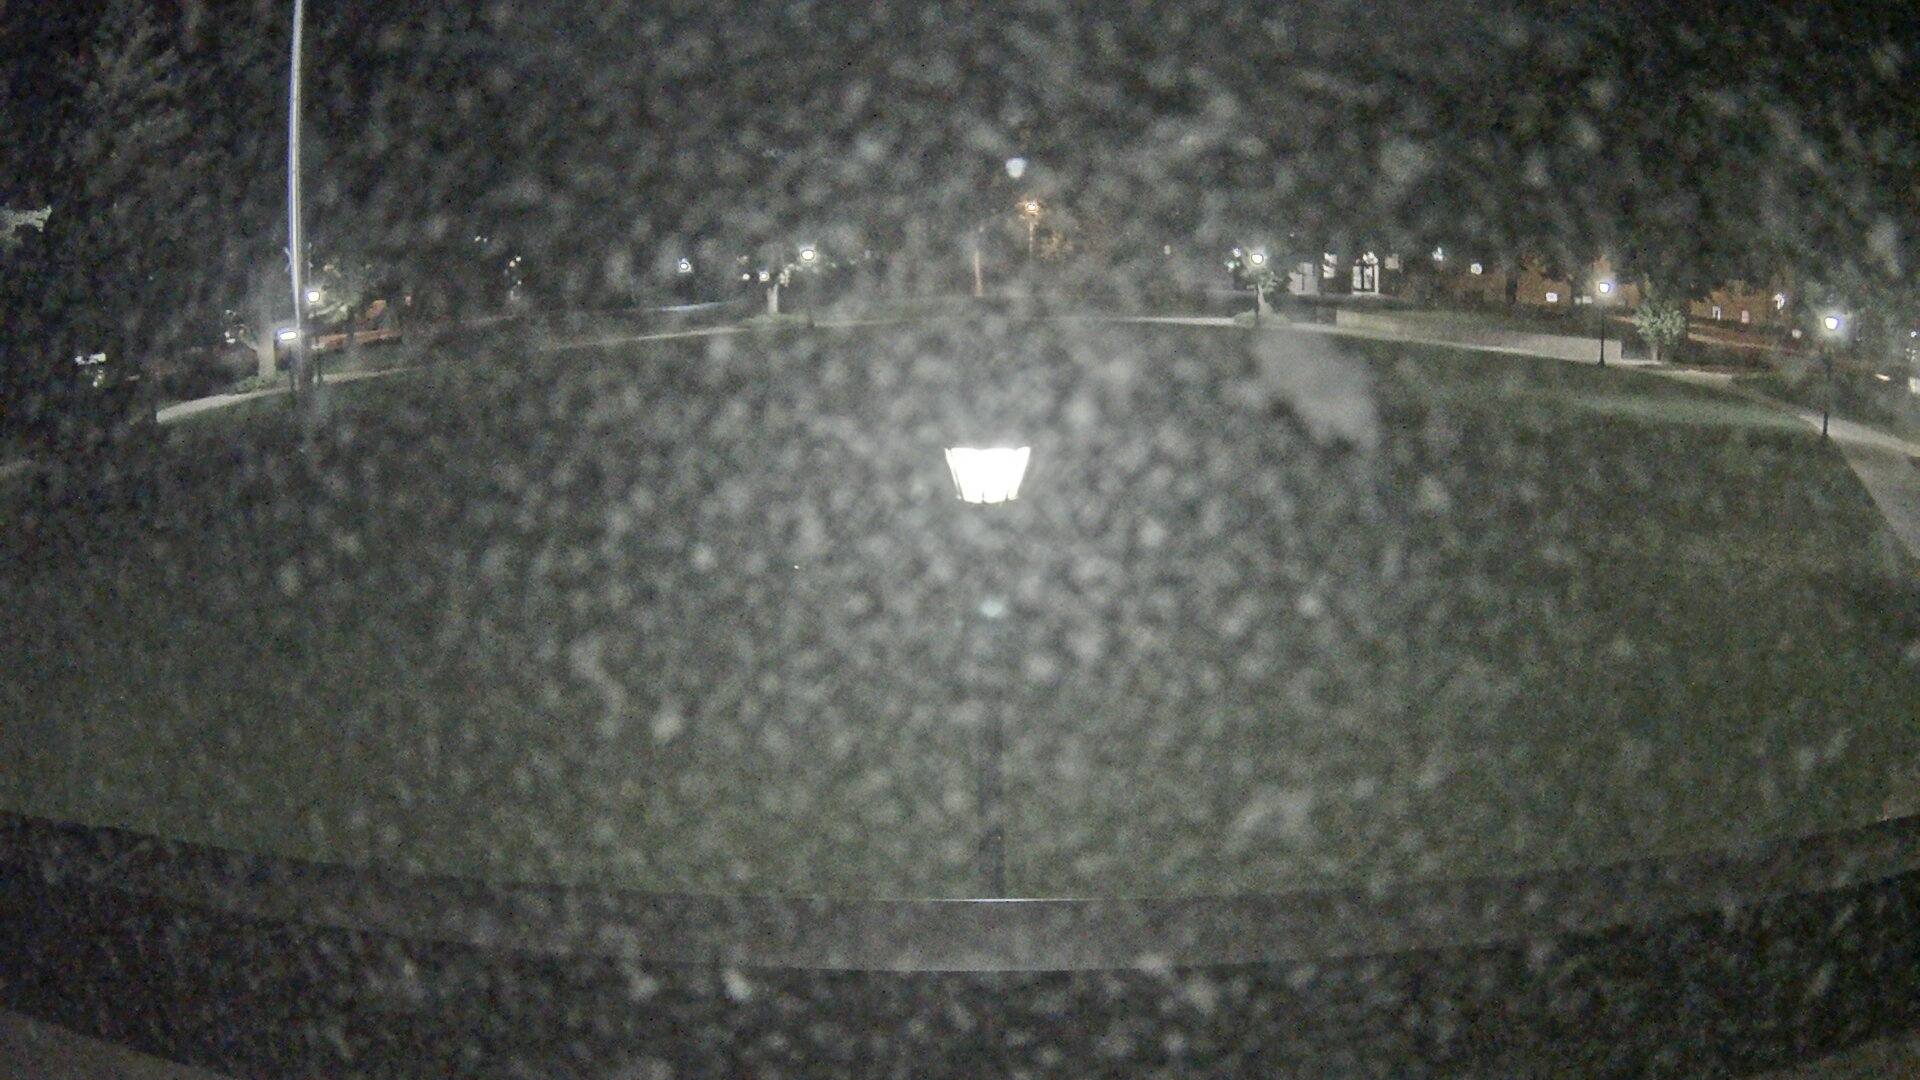 Campus Camera Image